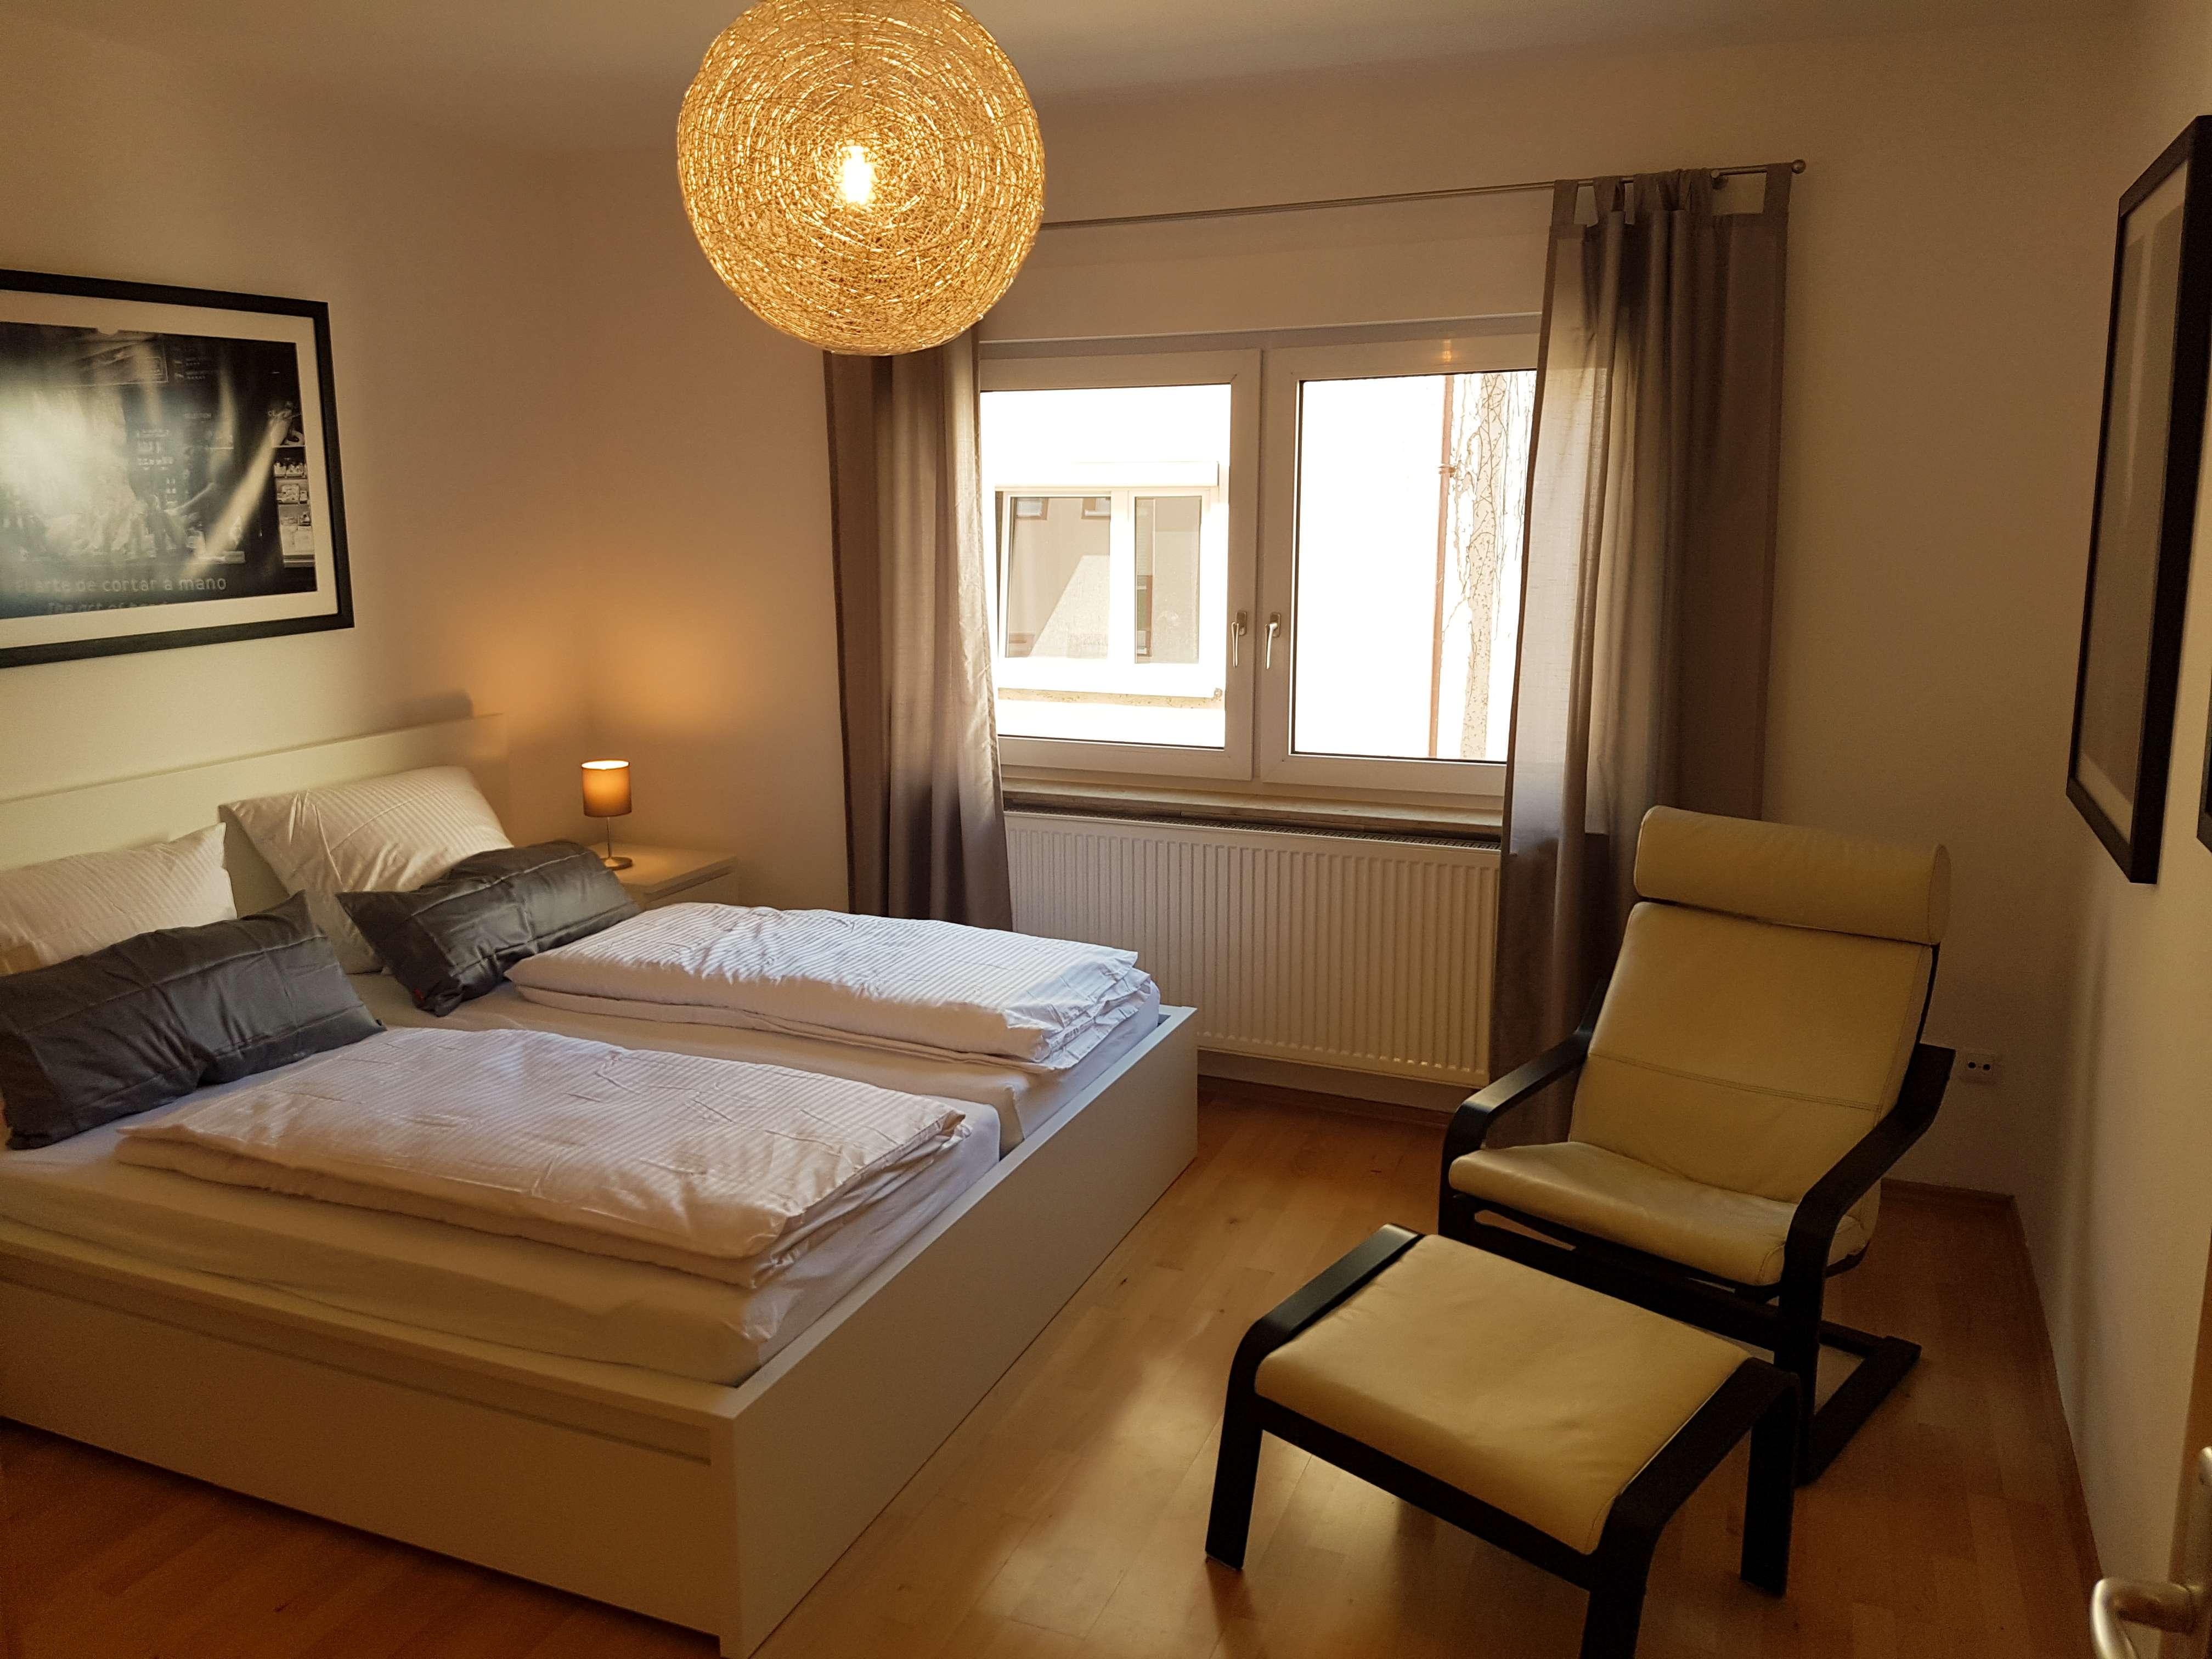 Möblierte Wohnung in der Würzburger Innenstadt in